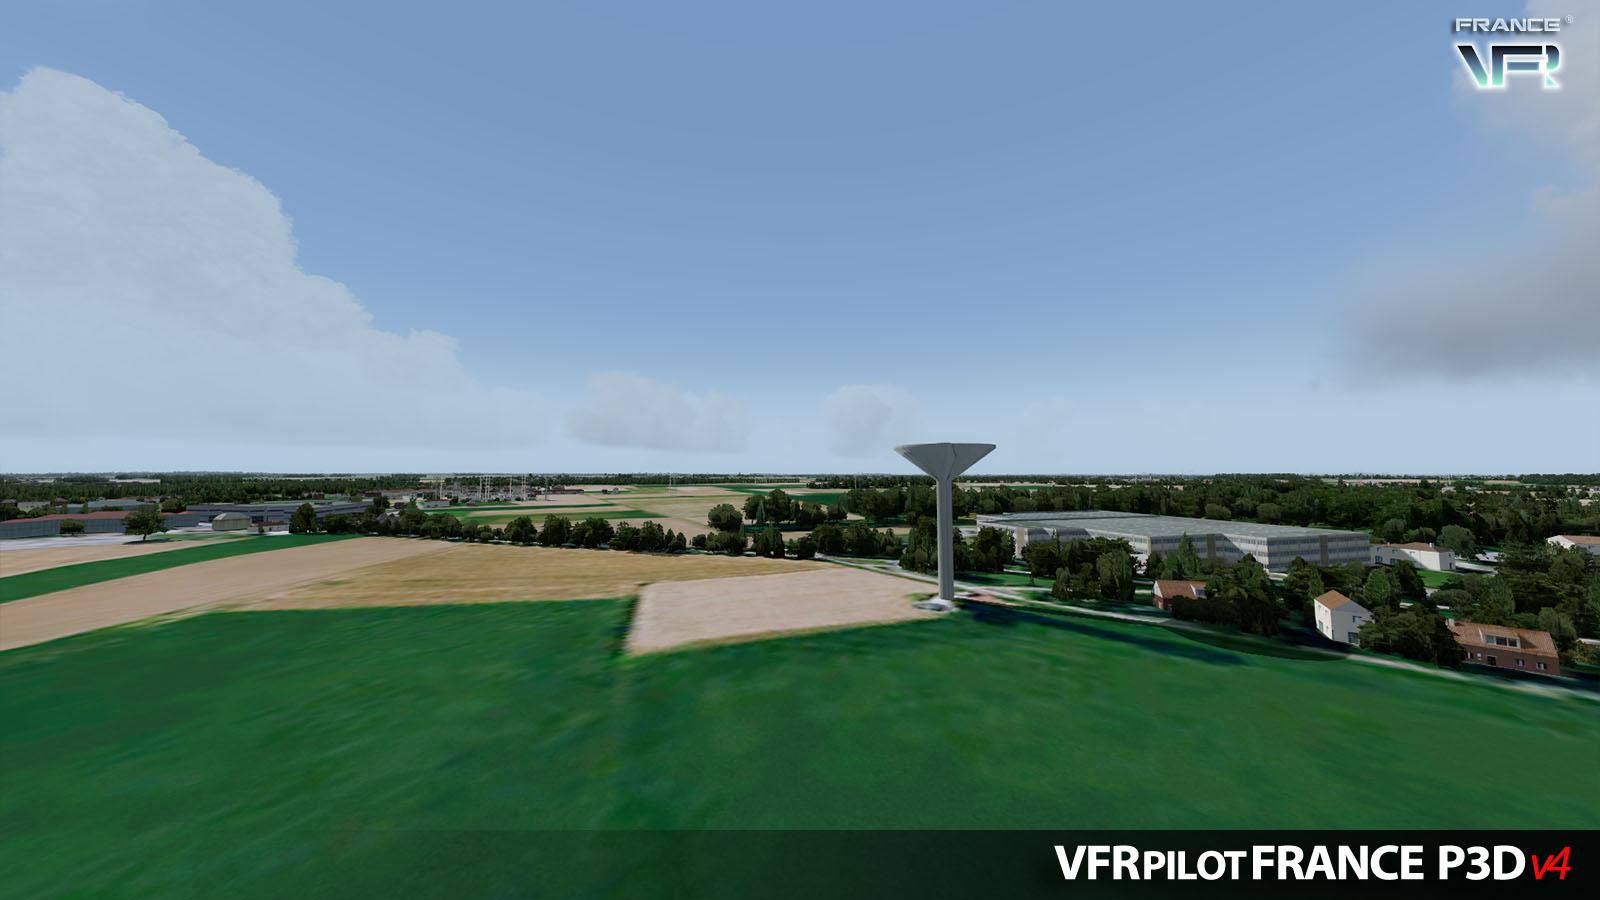 VFRFRAP3D_25.jpg